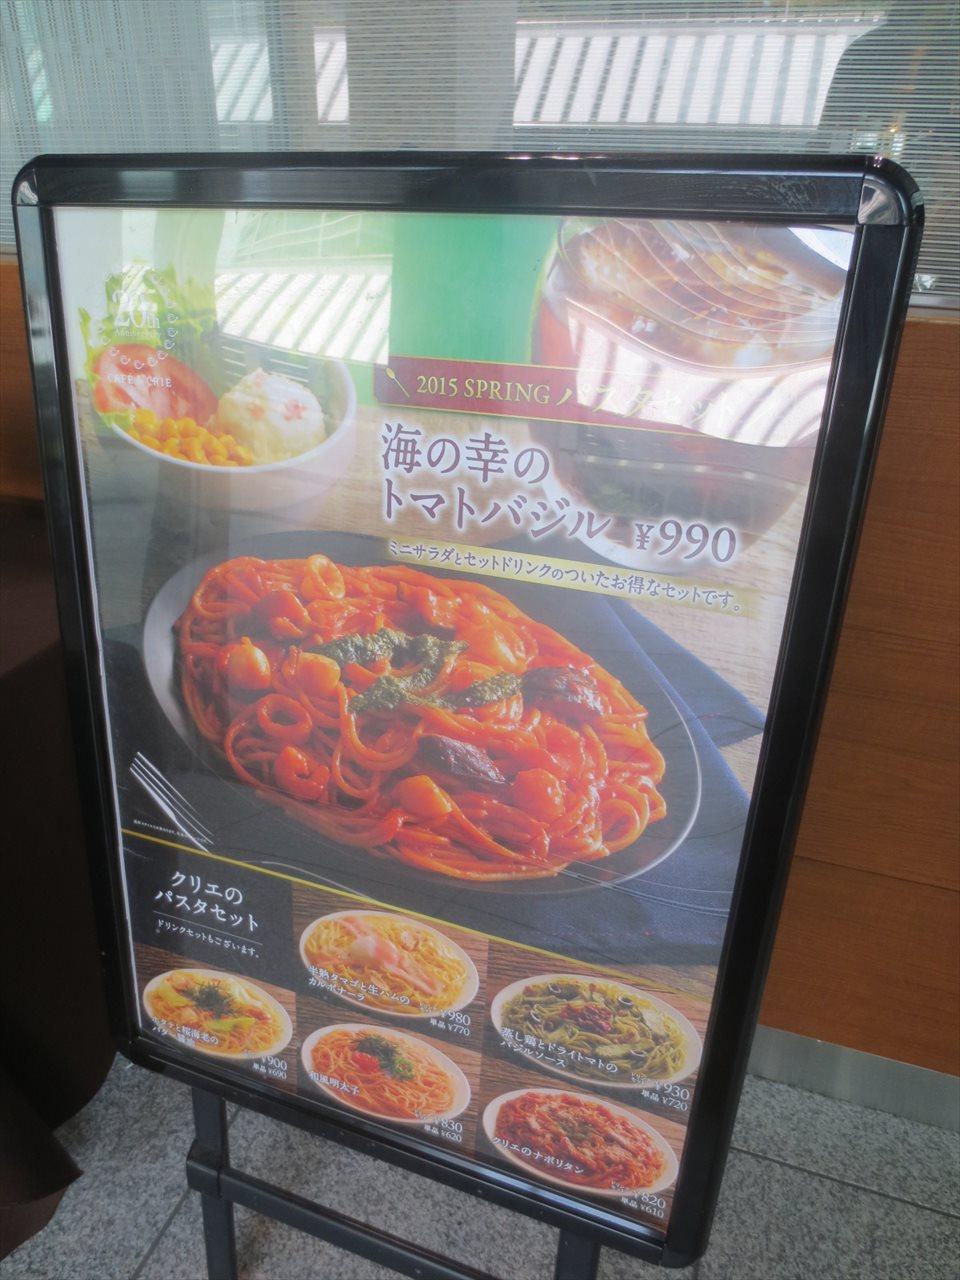 カフェ・ド・クリエ(CAFE de CRIE) 品川 メニュー